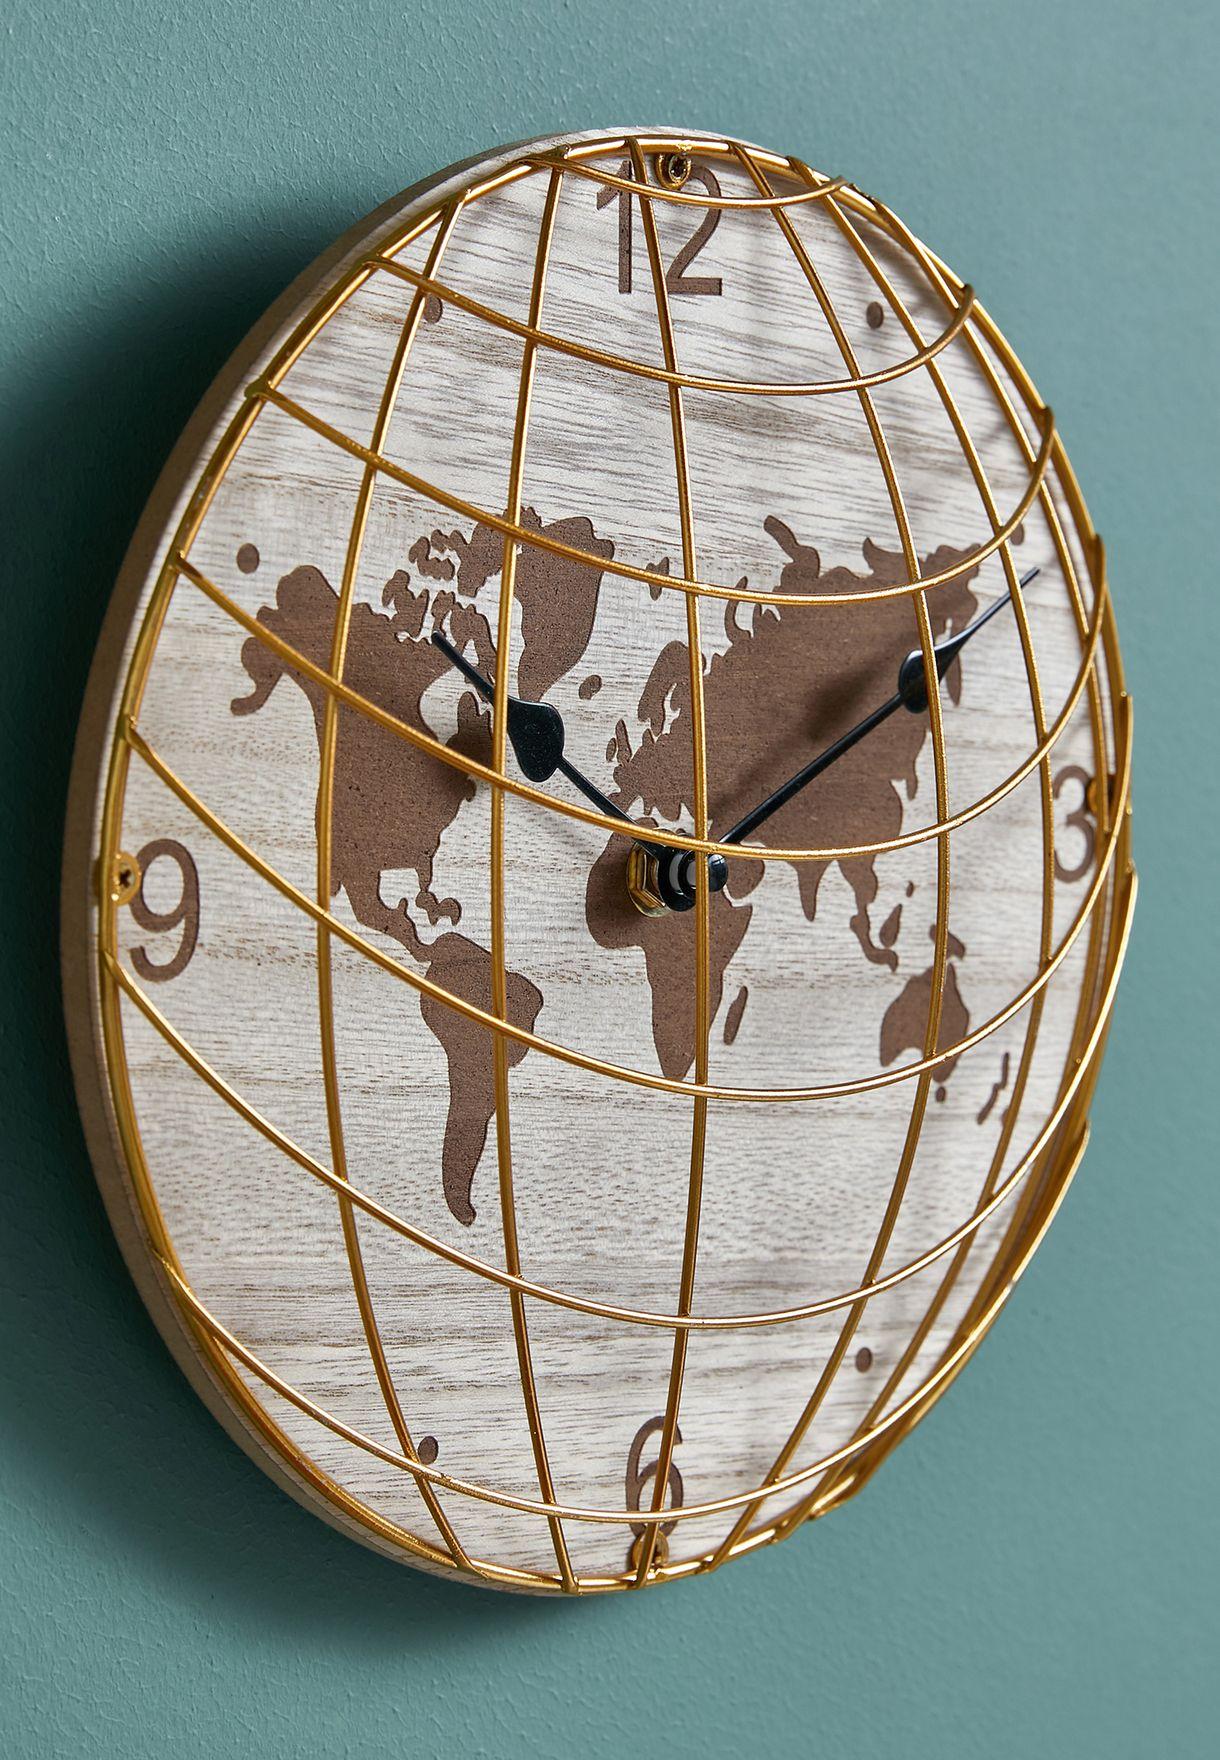 ساعة حائط بشكل الكرة الارضية